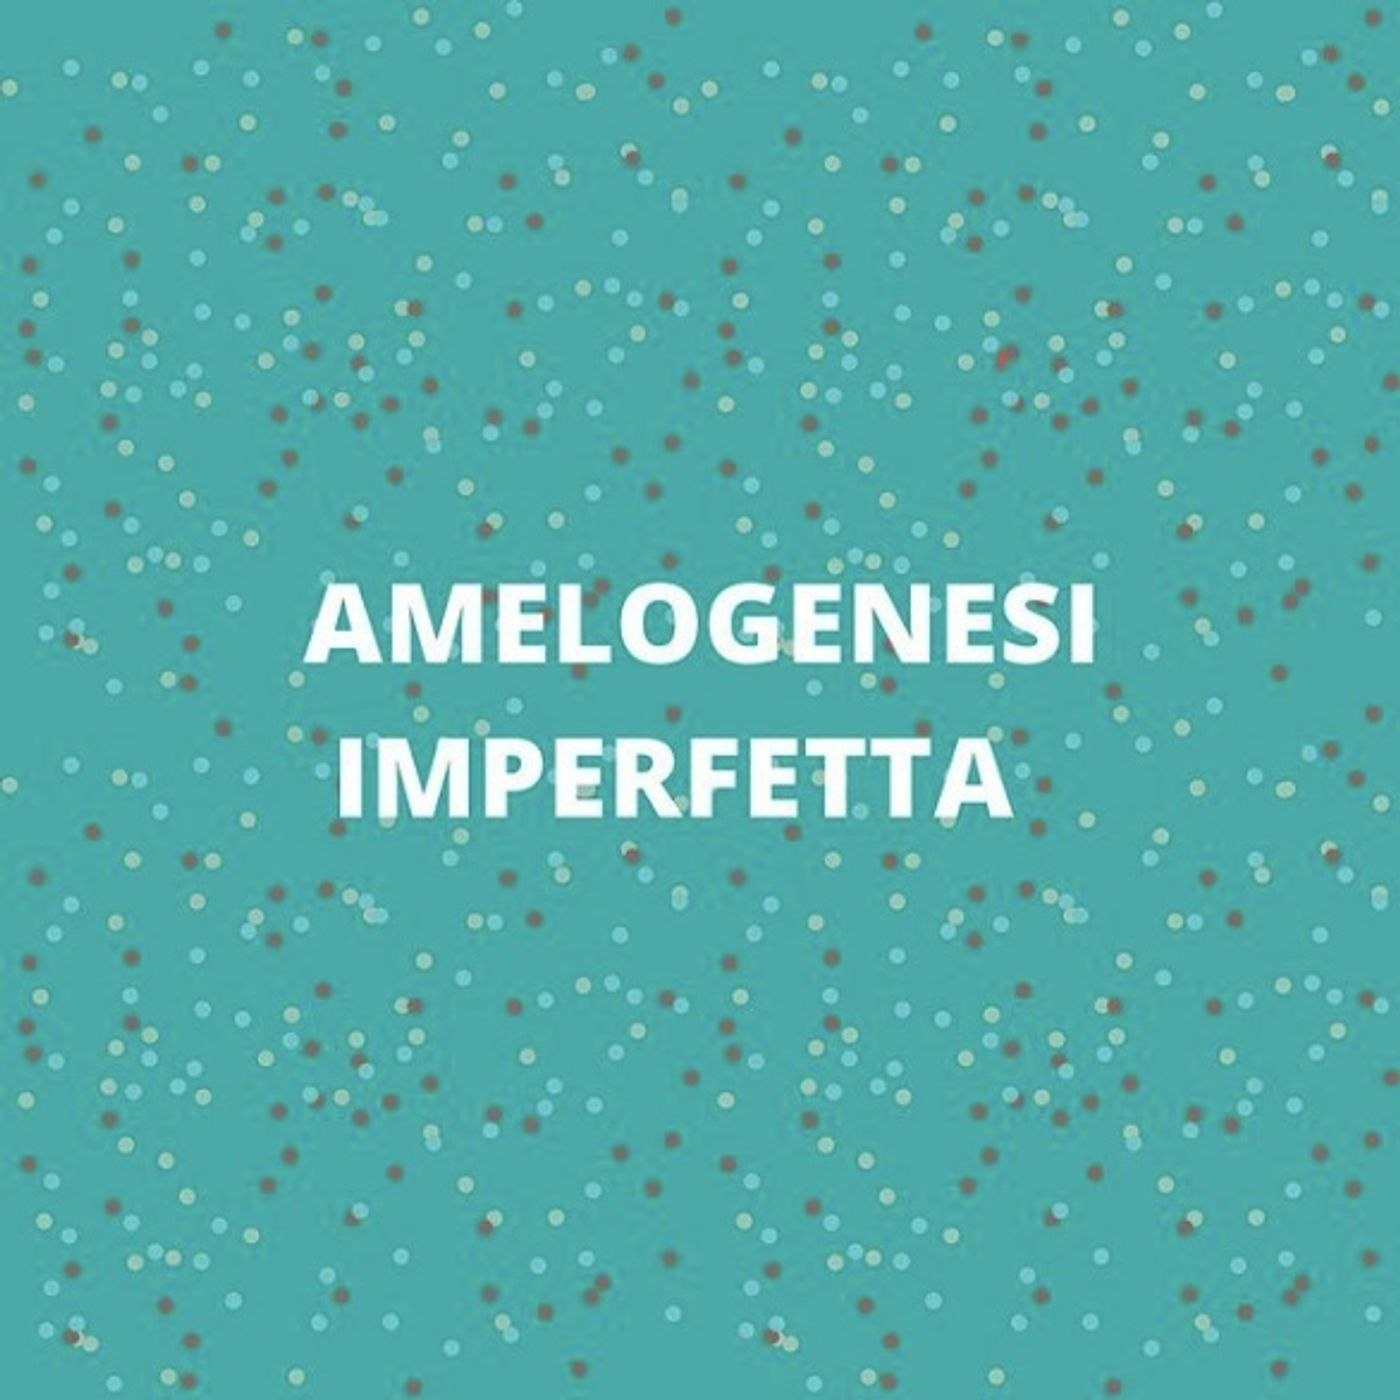 [Aggiornamento] Focus on: amelogenesi imperfetta - Dott. Daniele Modesti